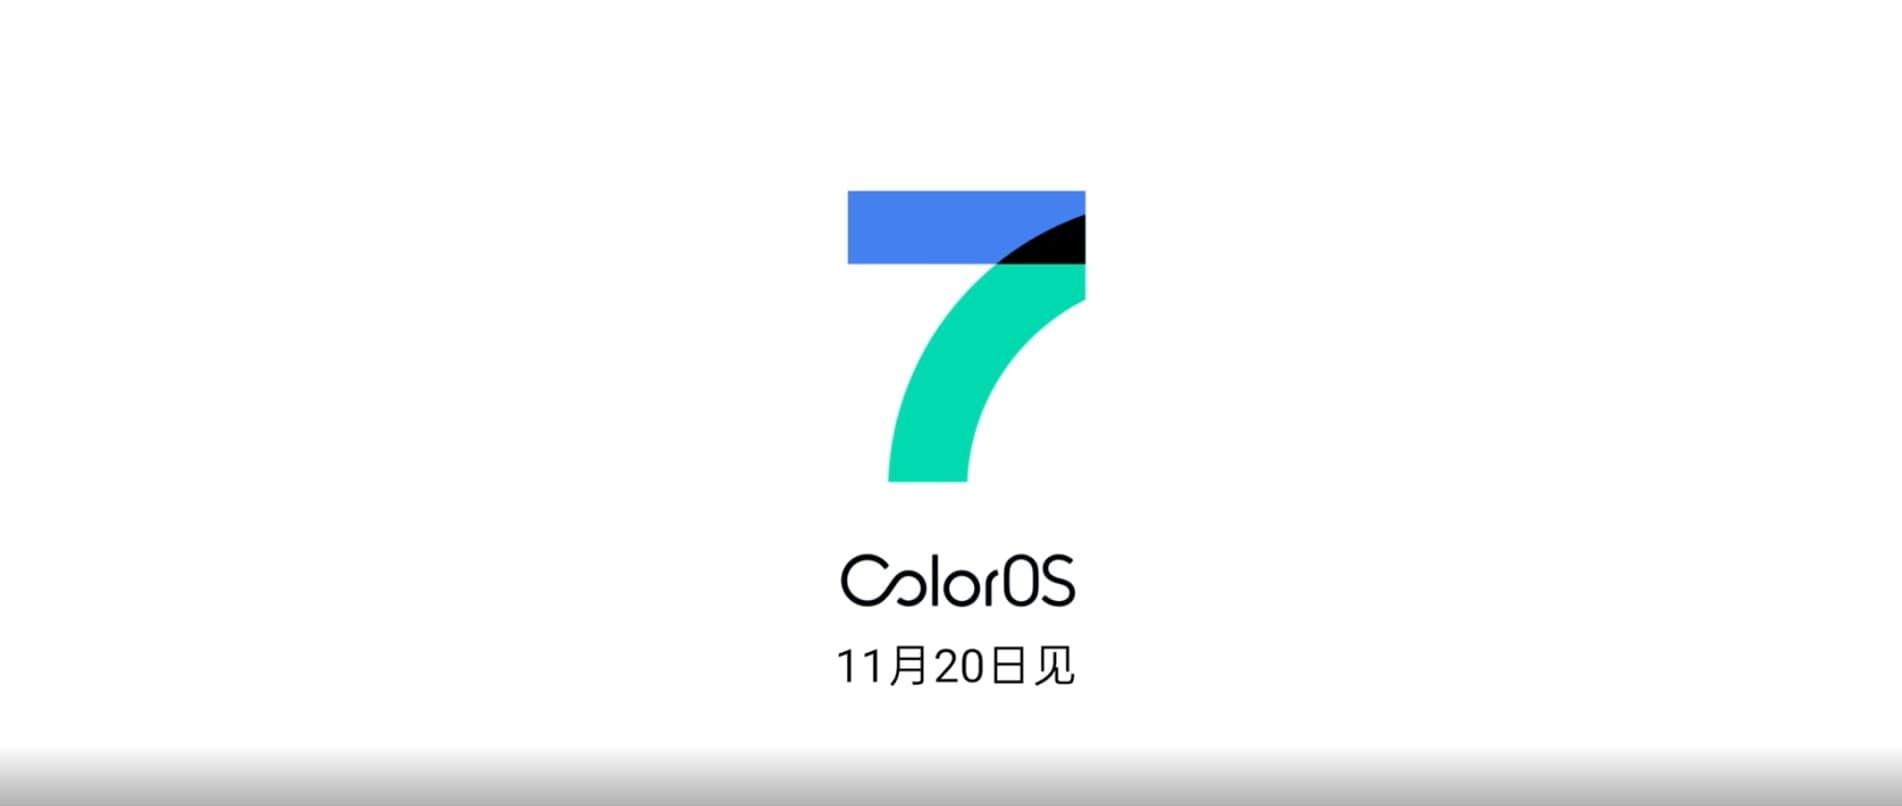 Curiosi di avere un assaggio della ColorOS 7? Qui trovate alcuni screenshot ed un video molto particolare